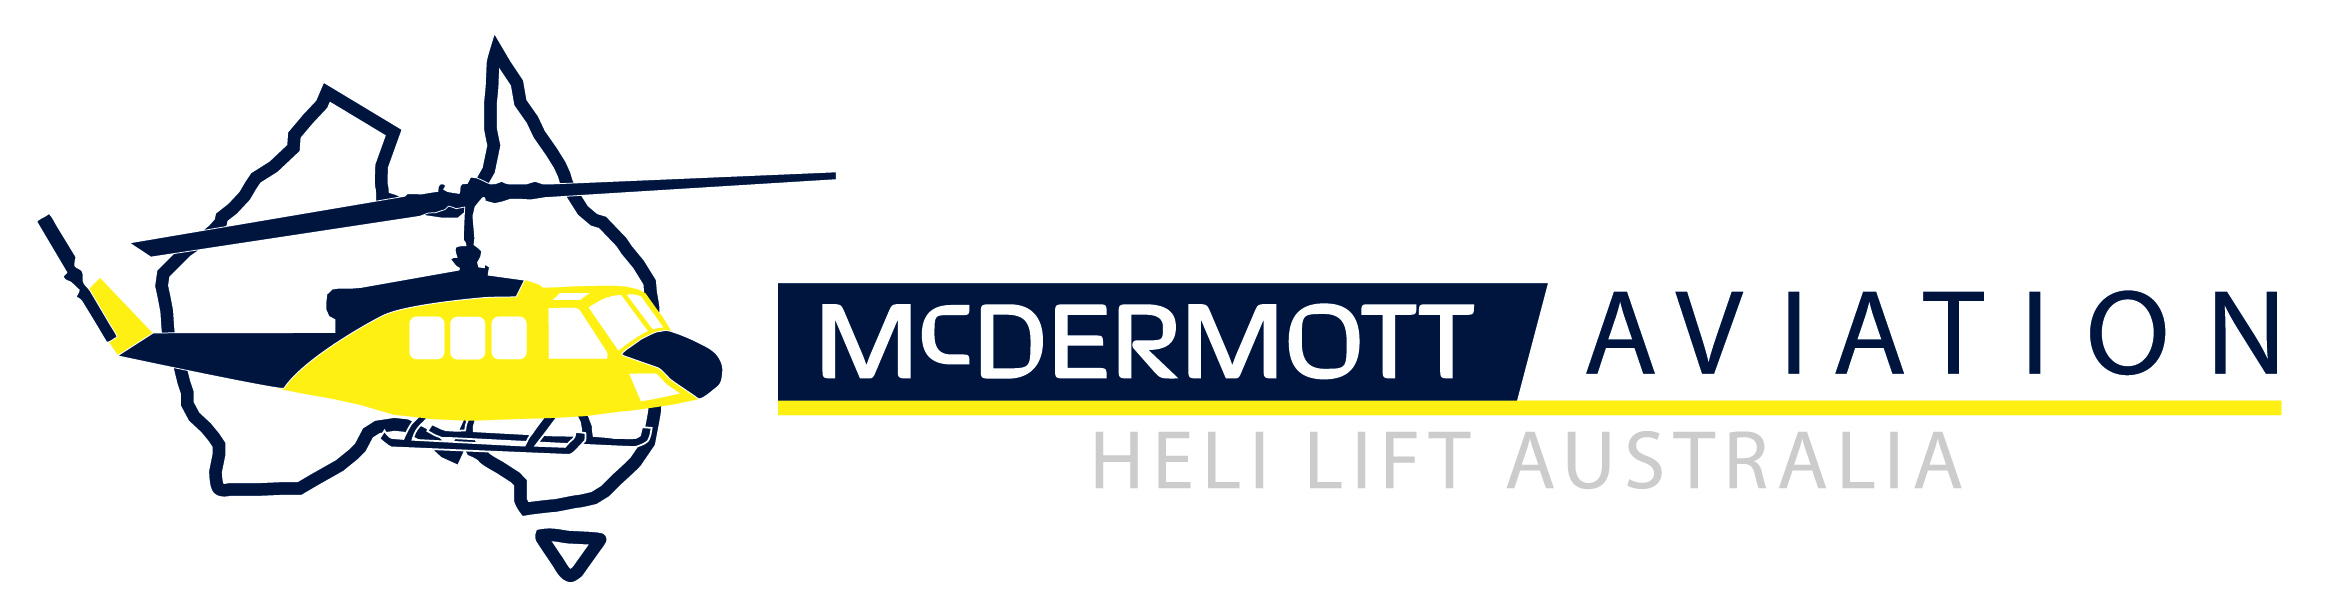 McDermott Aviation